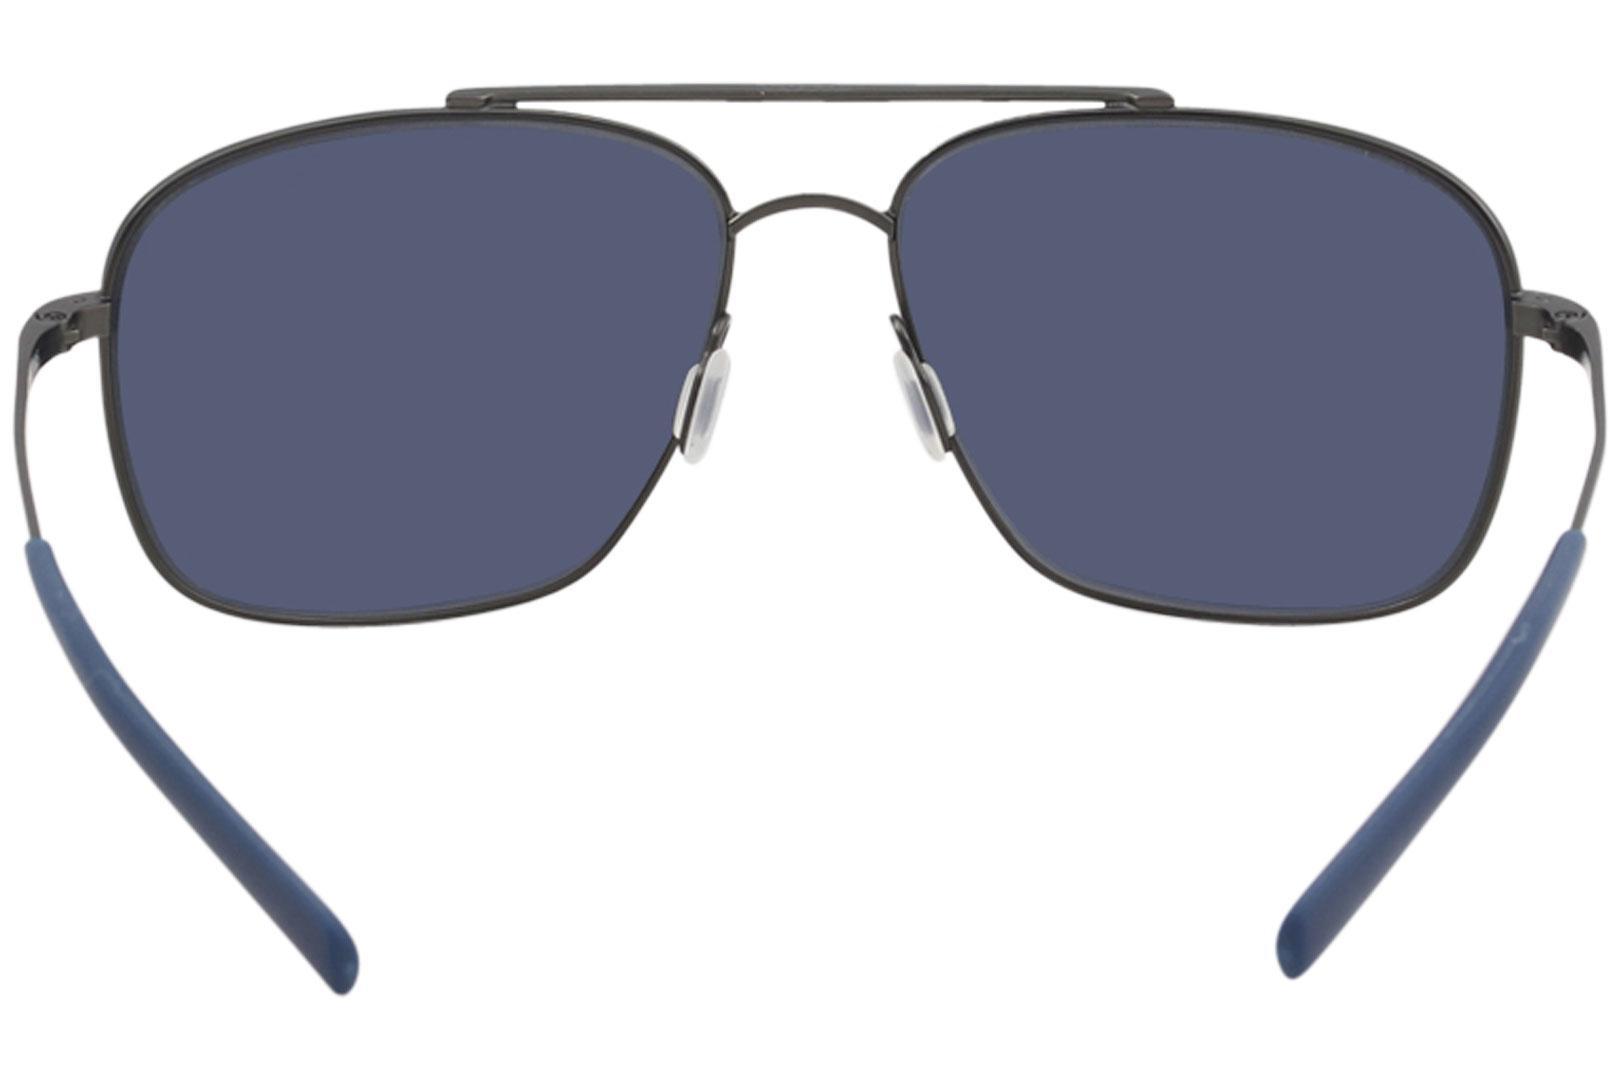 8e2868dce8 Costa Del Mar Men s Canaveral Fashion Pilot Polarized Titanium Sunglasses